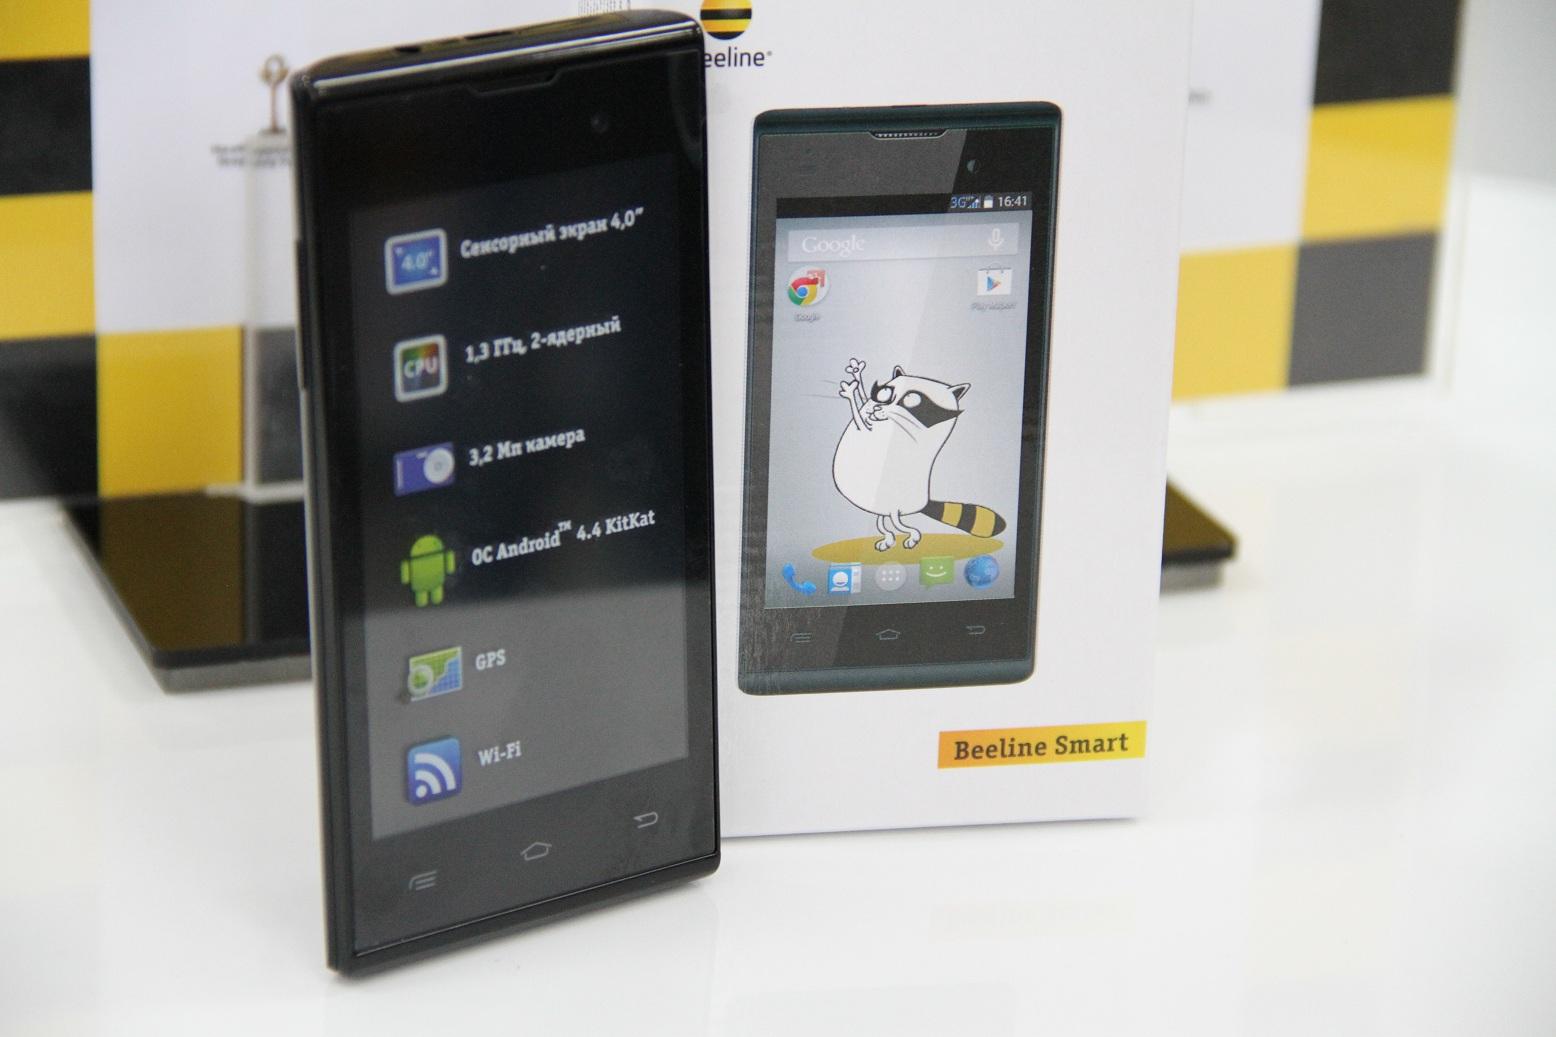 Beeline Smart սմարթֆոնների վաճառքի մեկնարկի օրը Beeline-ը հանդես կգա հատուկ առաջարկով